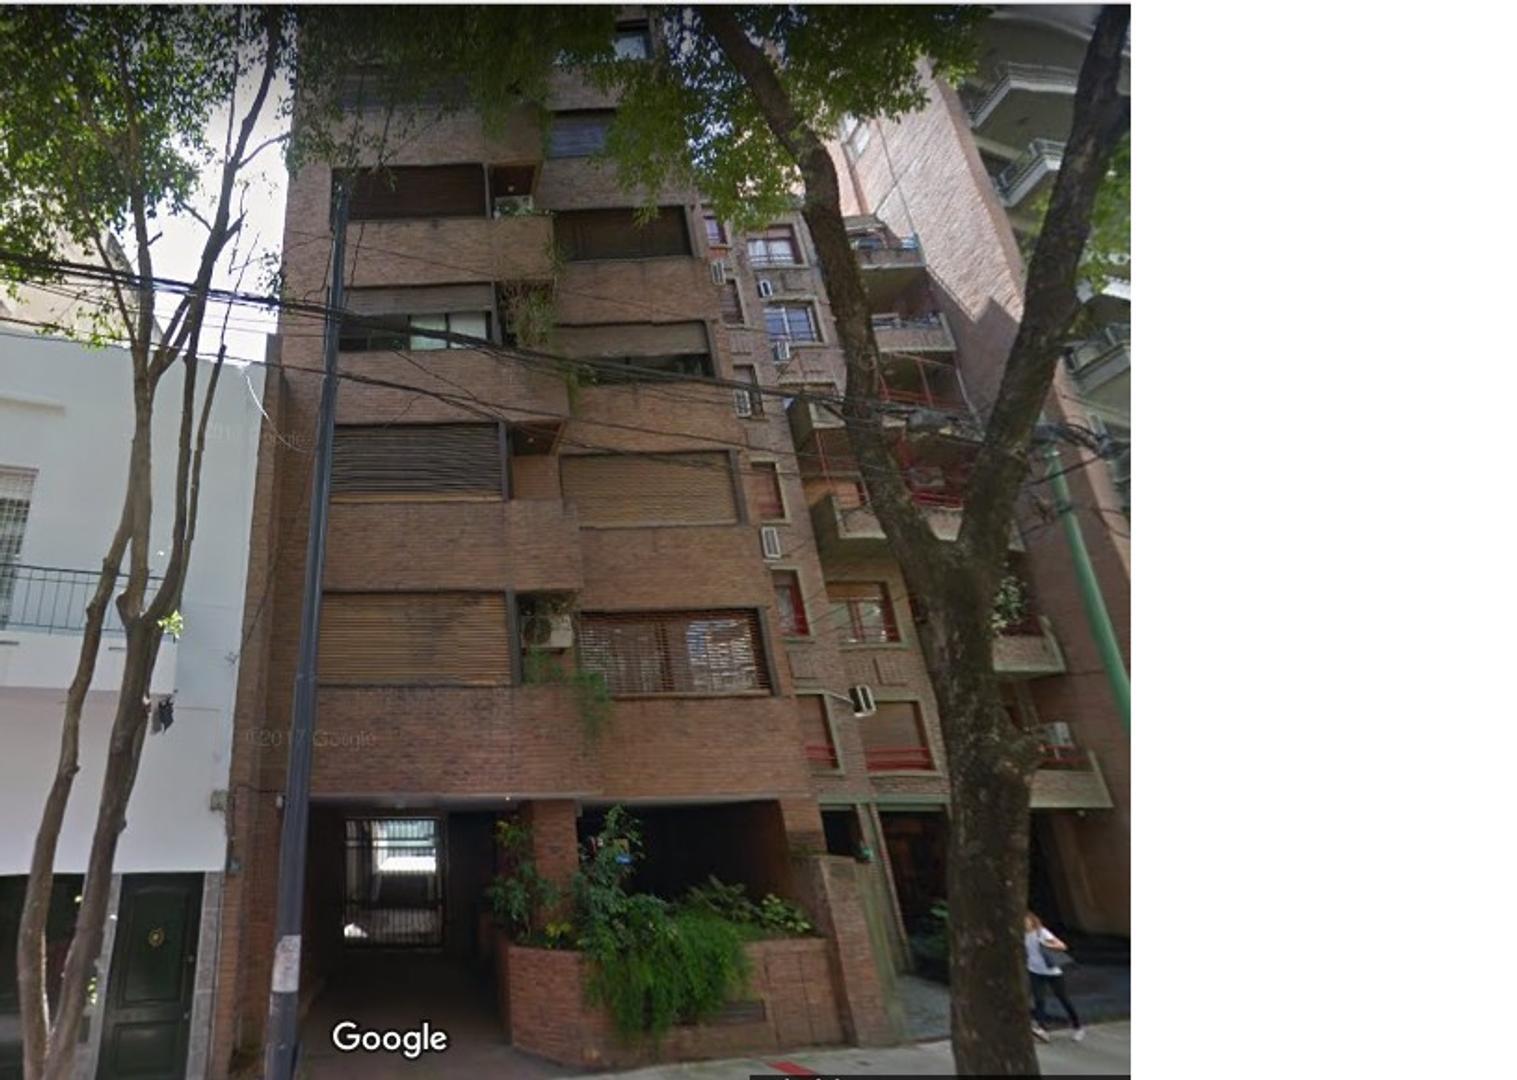 Venta duplex en pleno Cañitas 2 ambientes con cochera y baulera. APTO CREDITO.